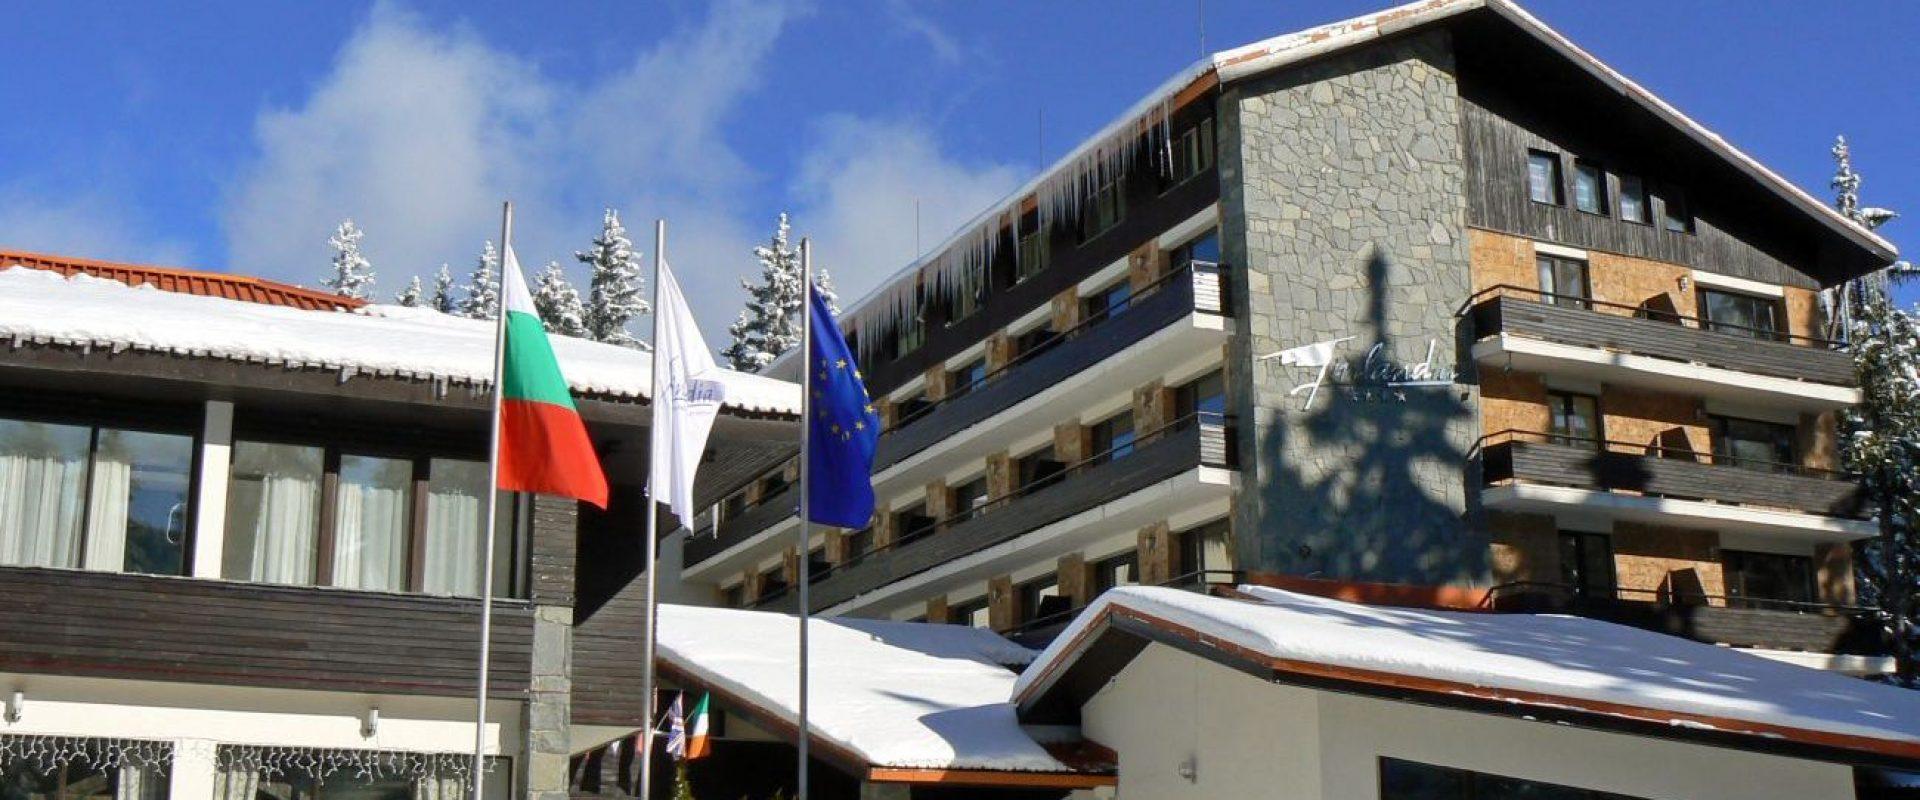 Sejur în munții Carpați, Bulgaria, Pamporovo, Hotel Finlandia